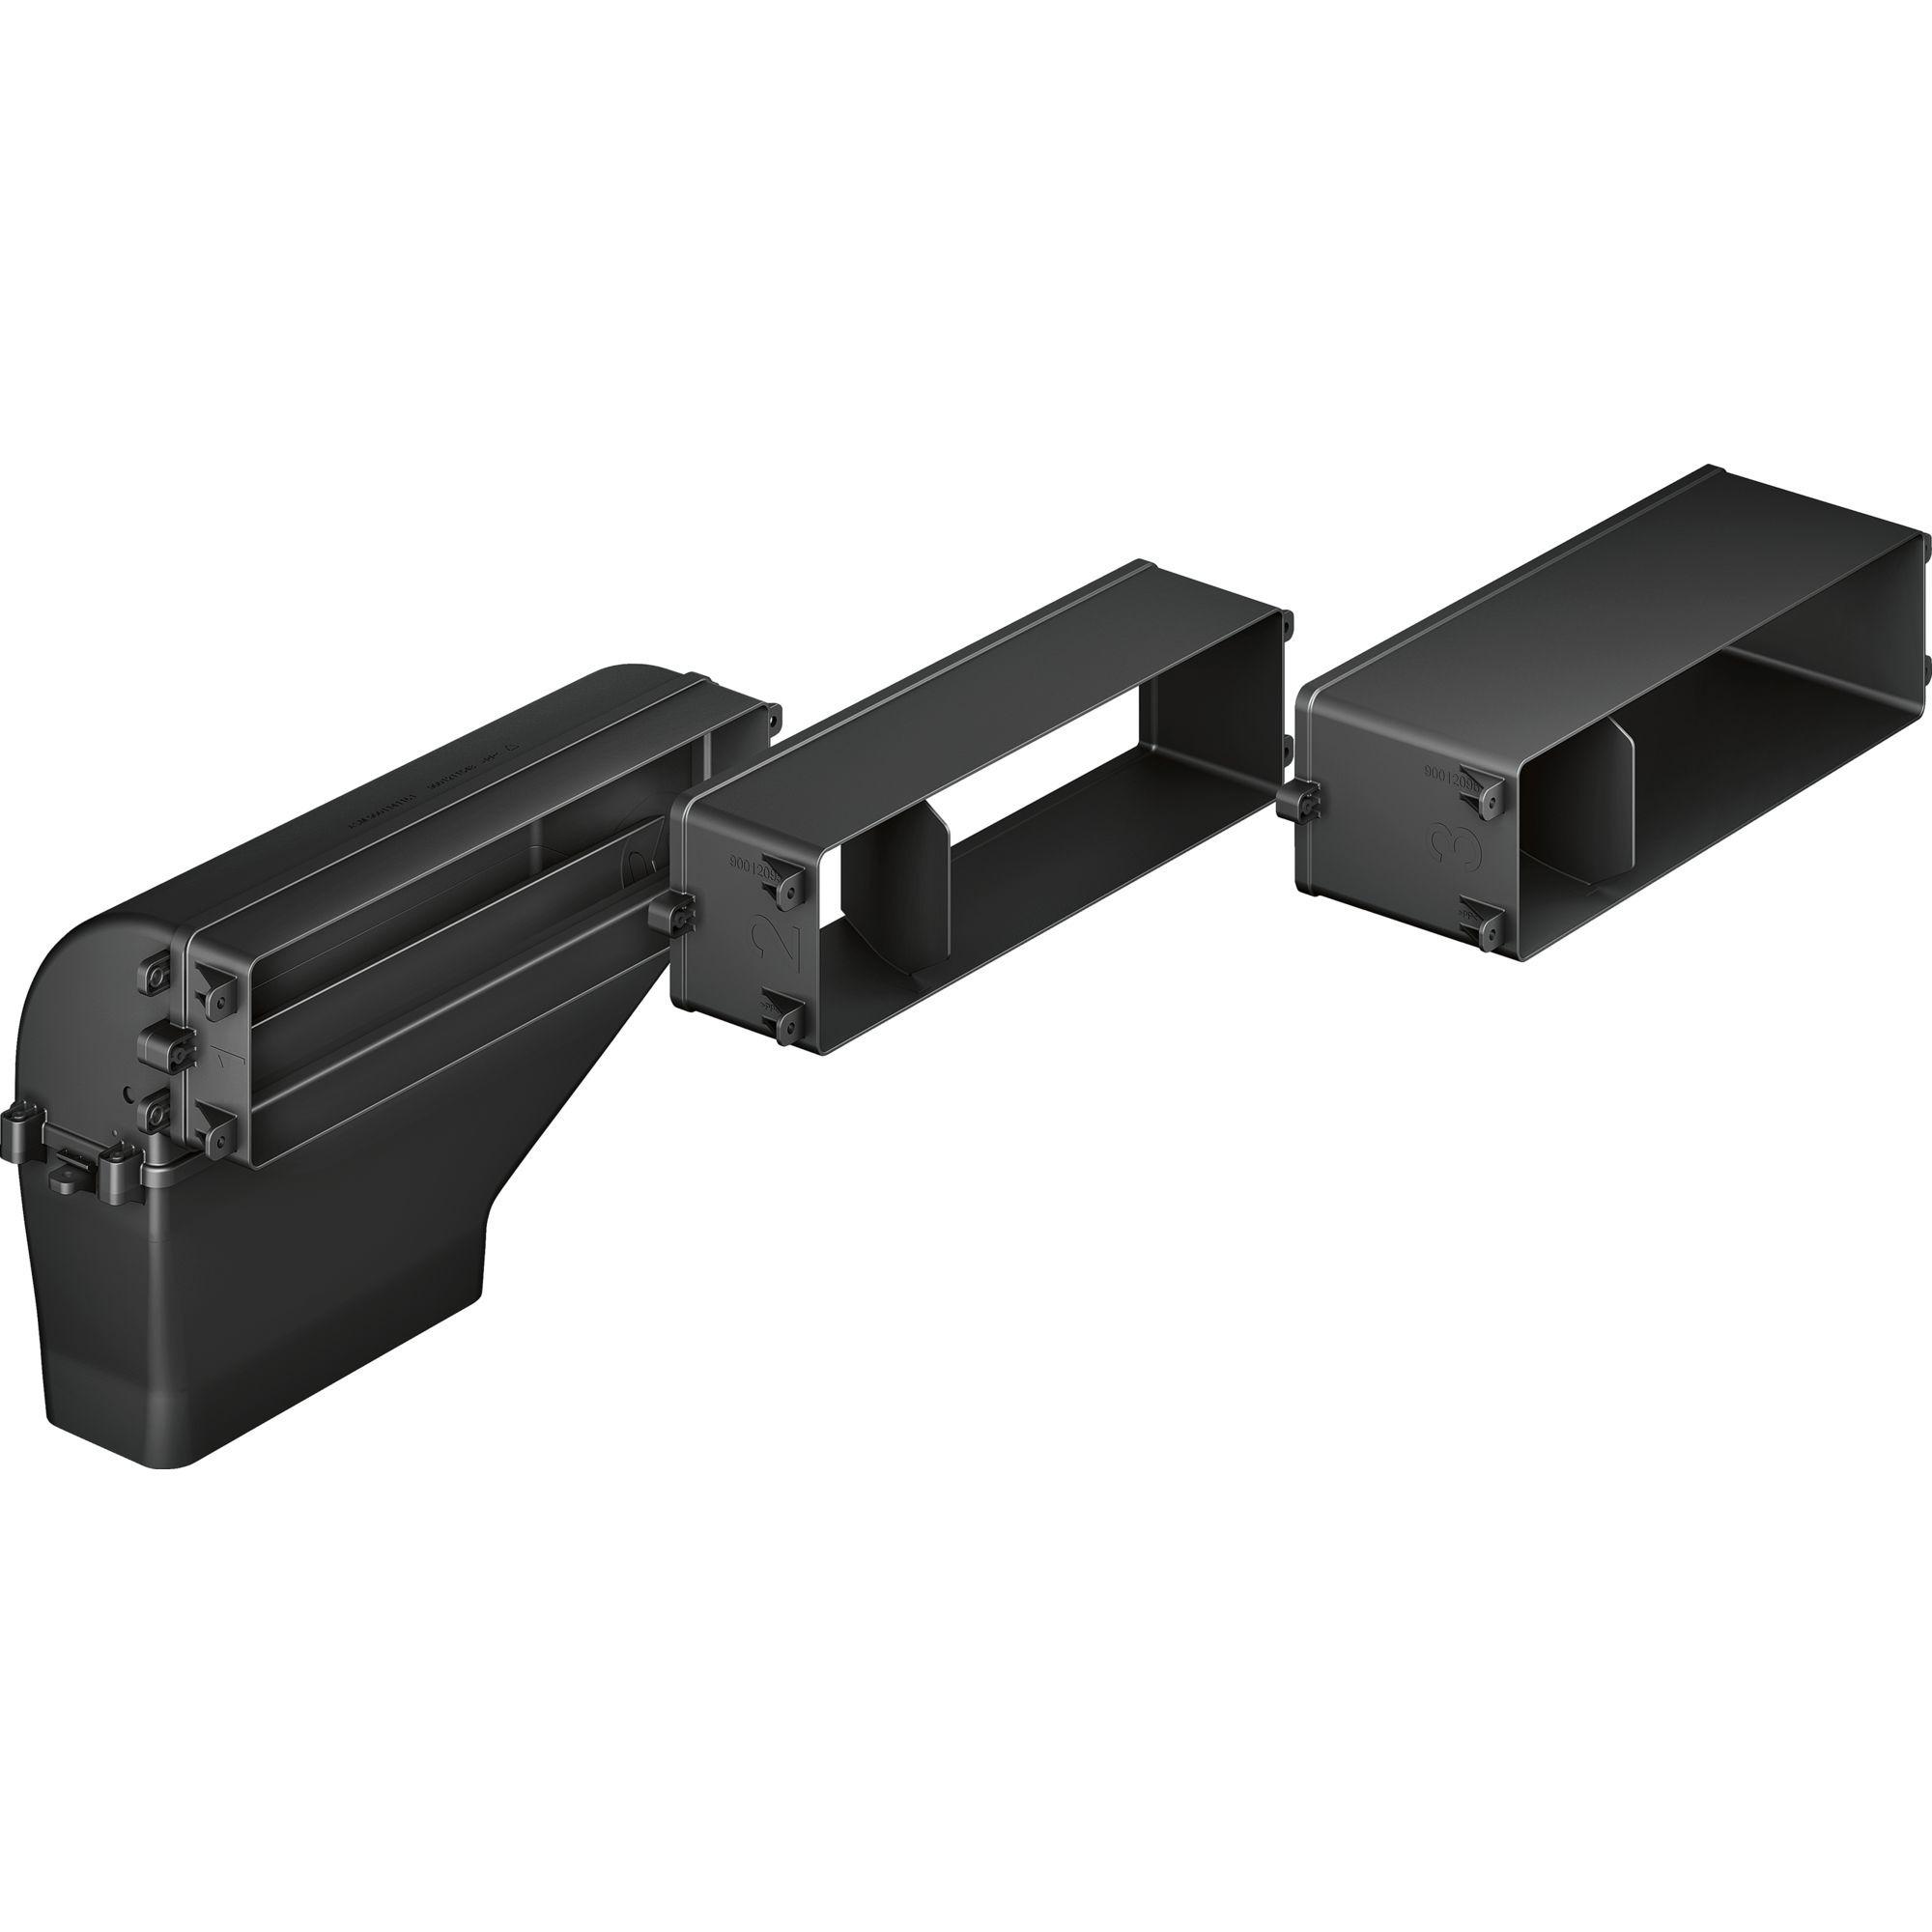 HEZ381401 accesorio para campana de estufa Set de recirculación de aire para campana extractora, Set de modificación